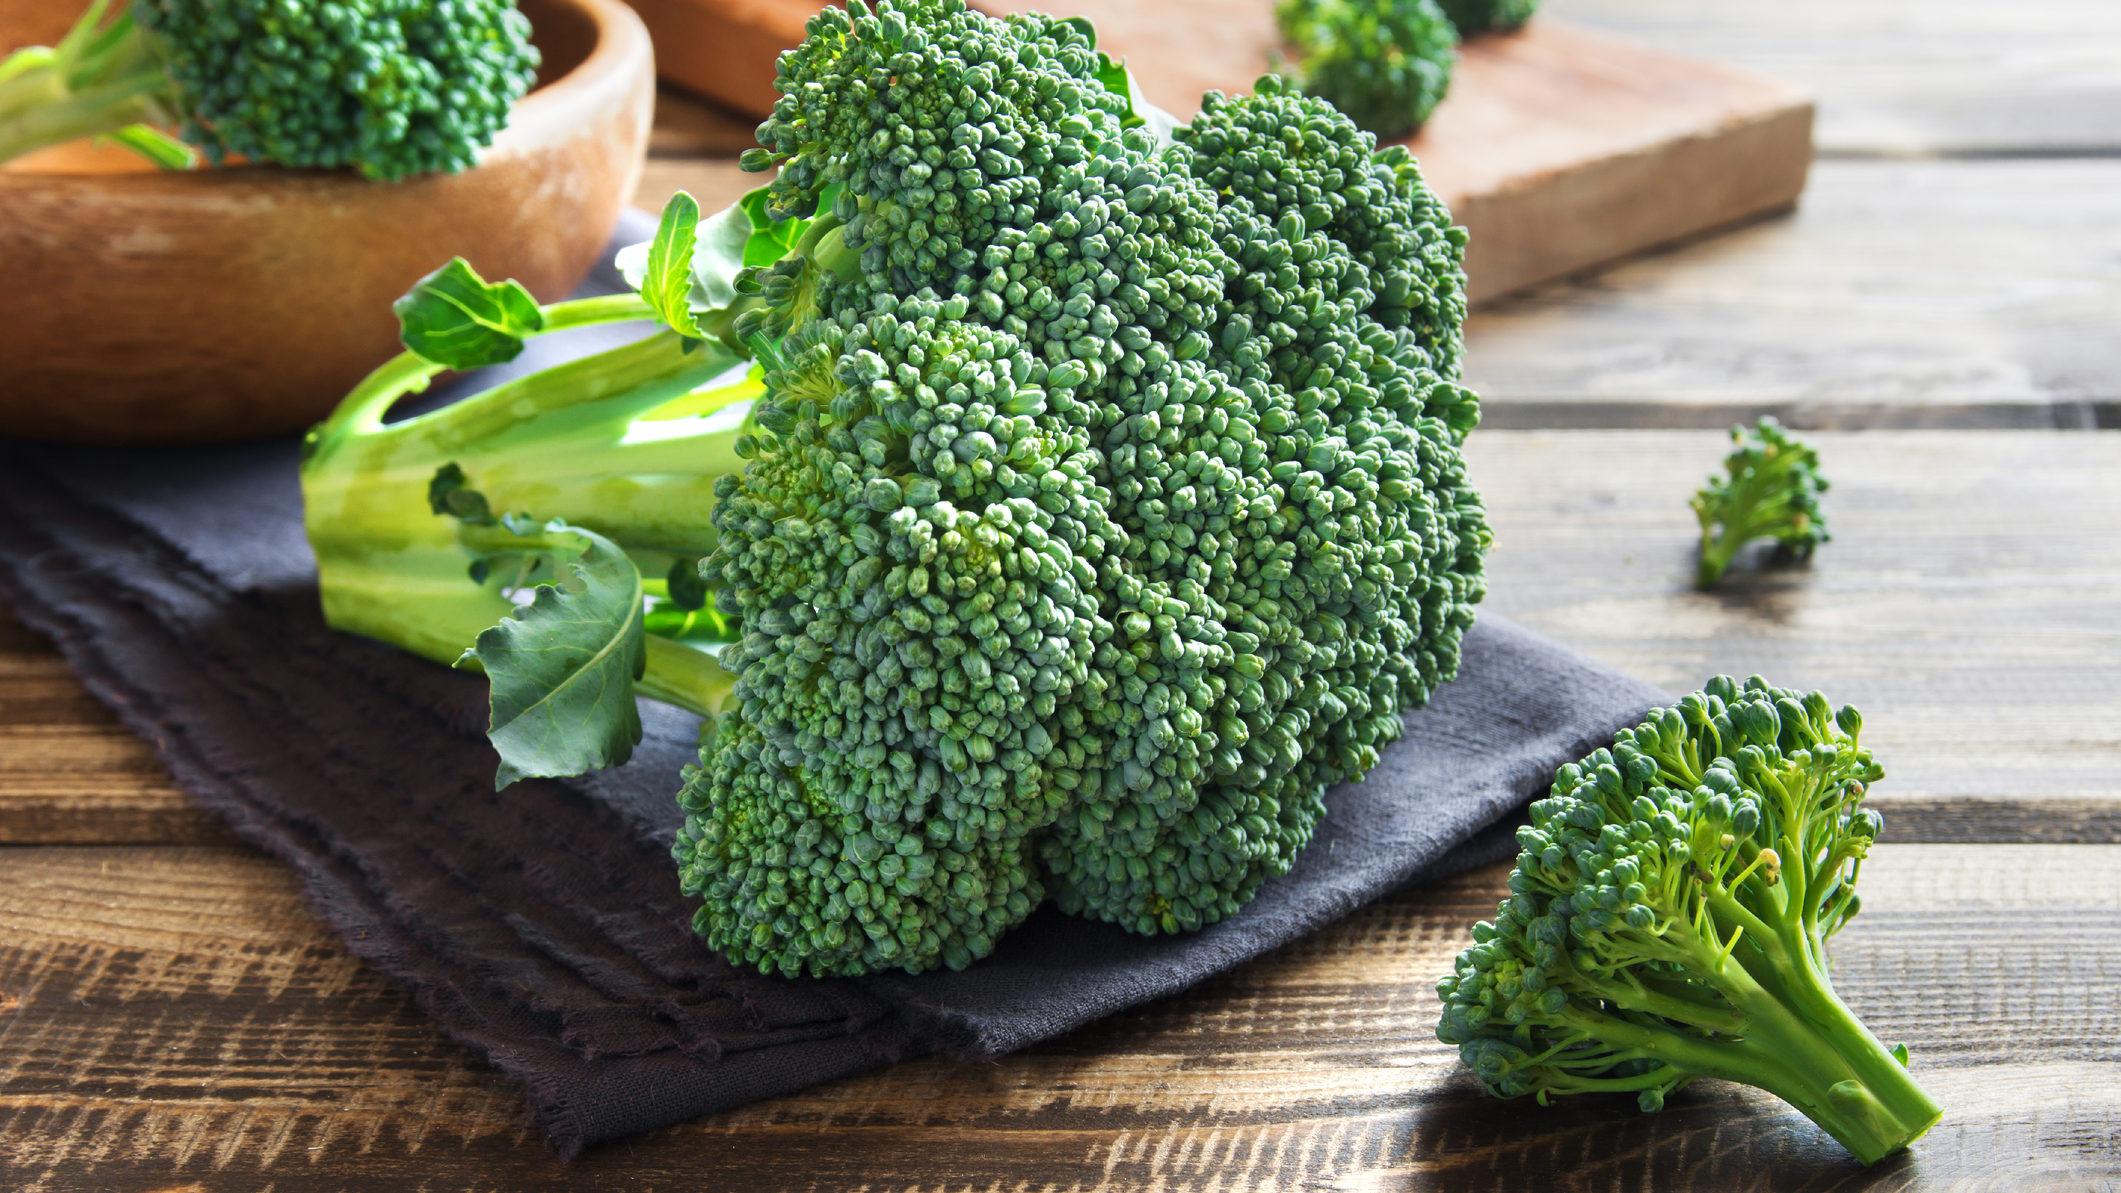 segít a brokkoli a fogyásban)